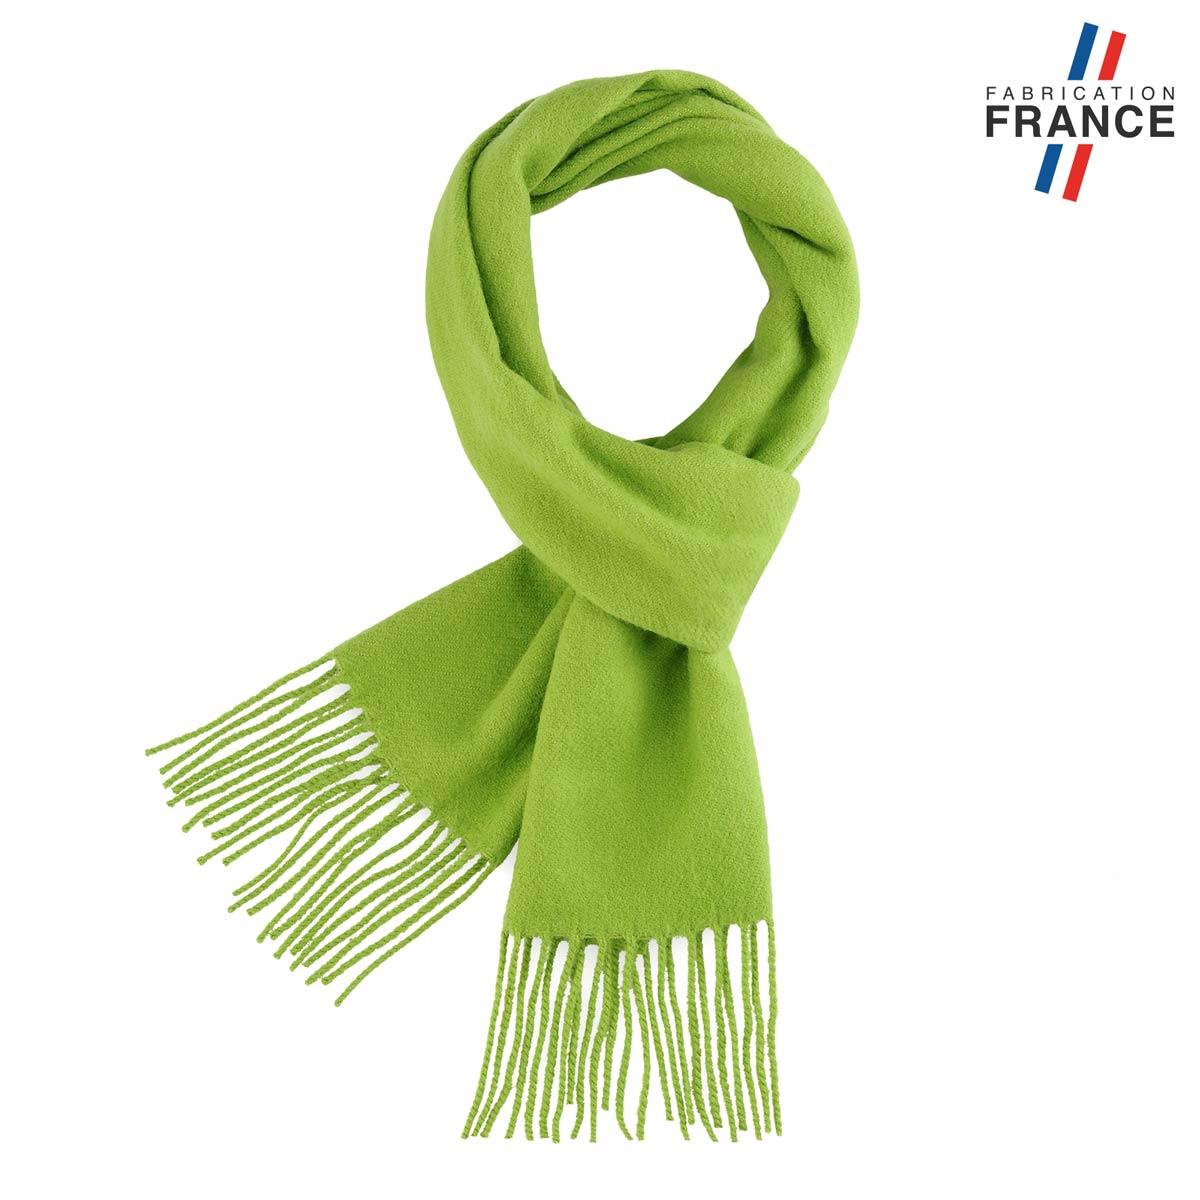 AT-05116_F12-1FR_Echarpe-verte-franges-fabrication-france